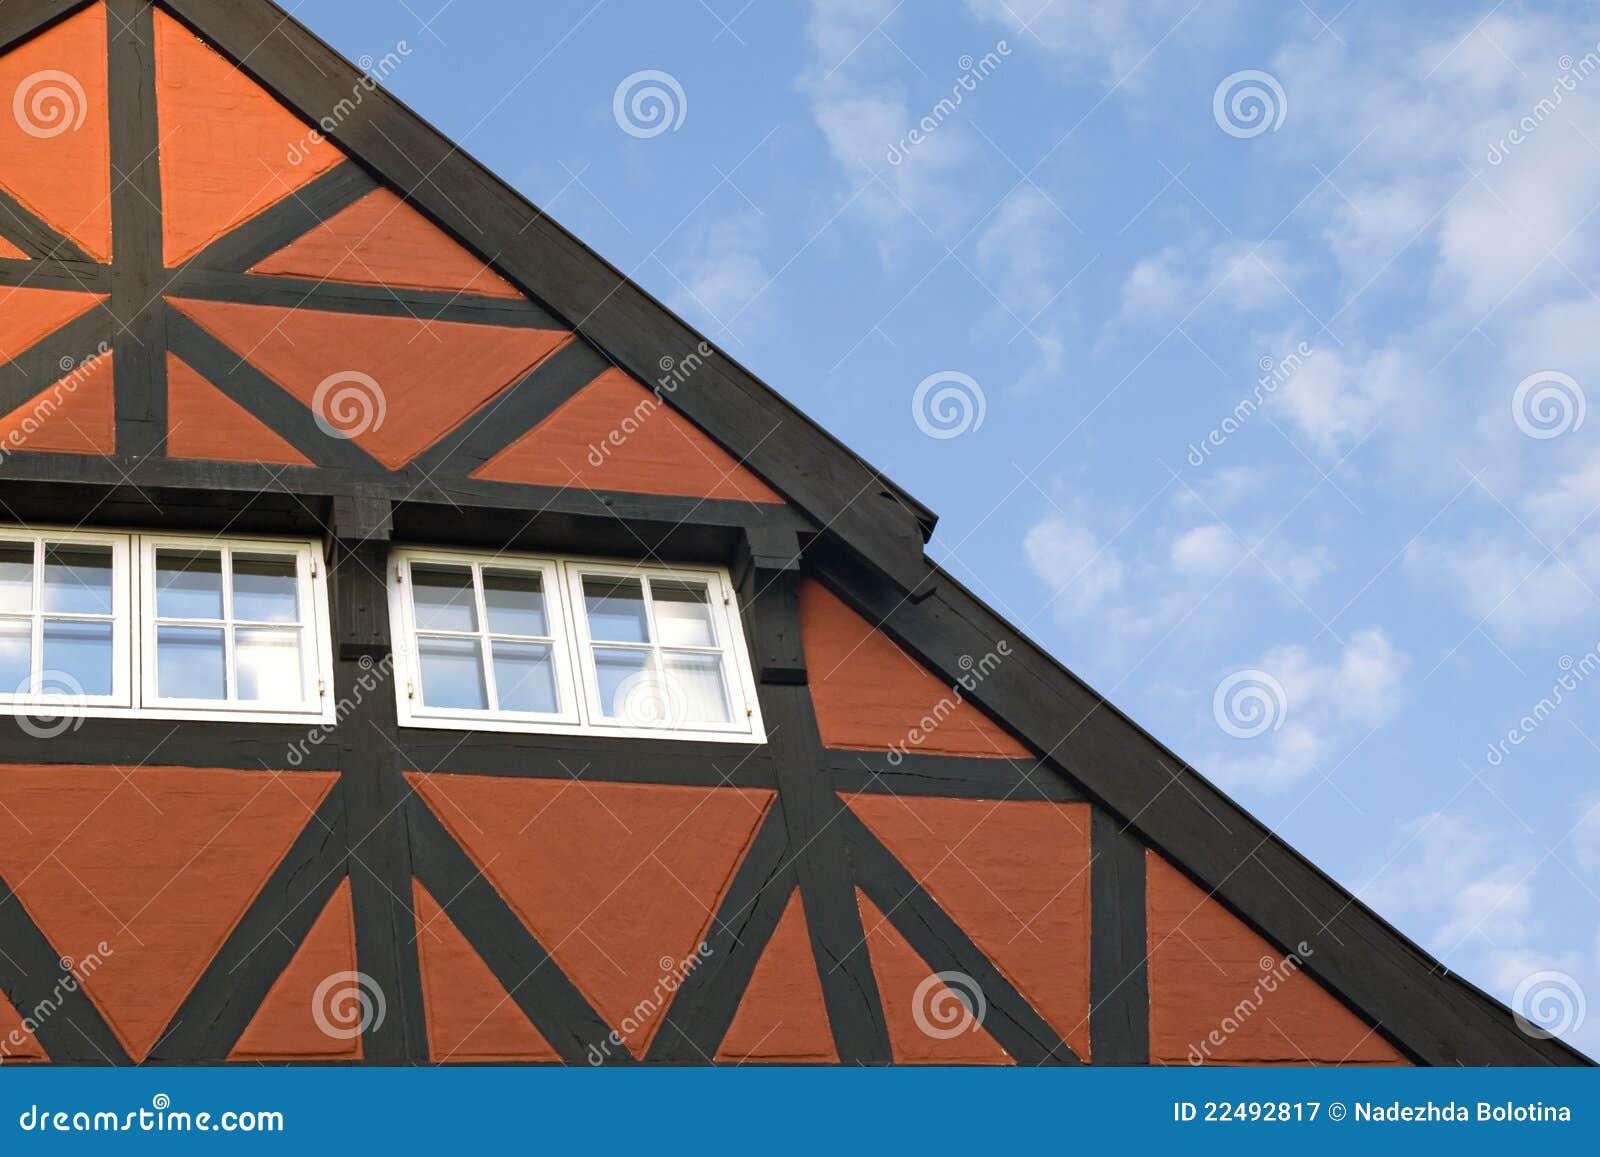 toit d 39 une maison bavaroise photographie stock libre de droits image 22492817. Black Bedroom Furniture Sets. Home Design Ideas